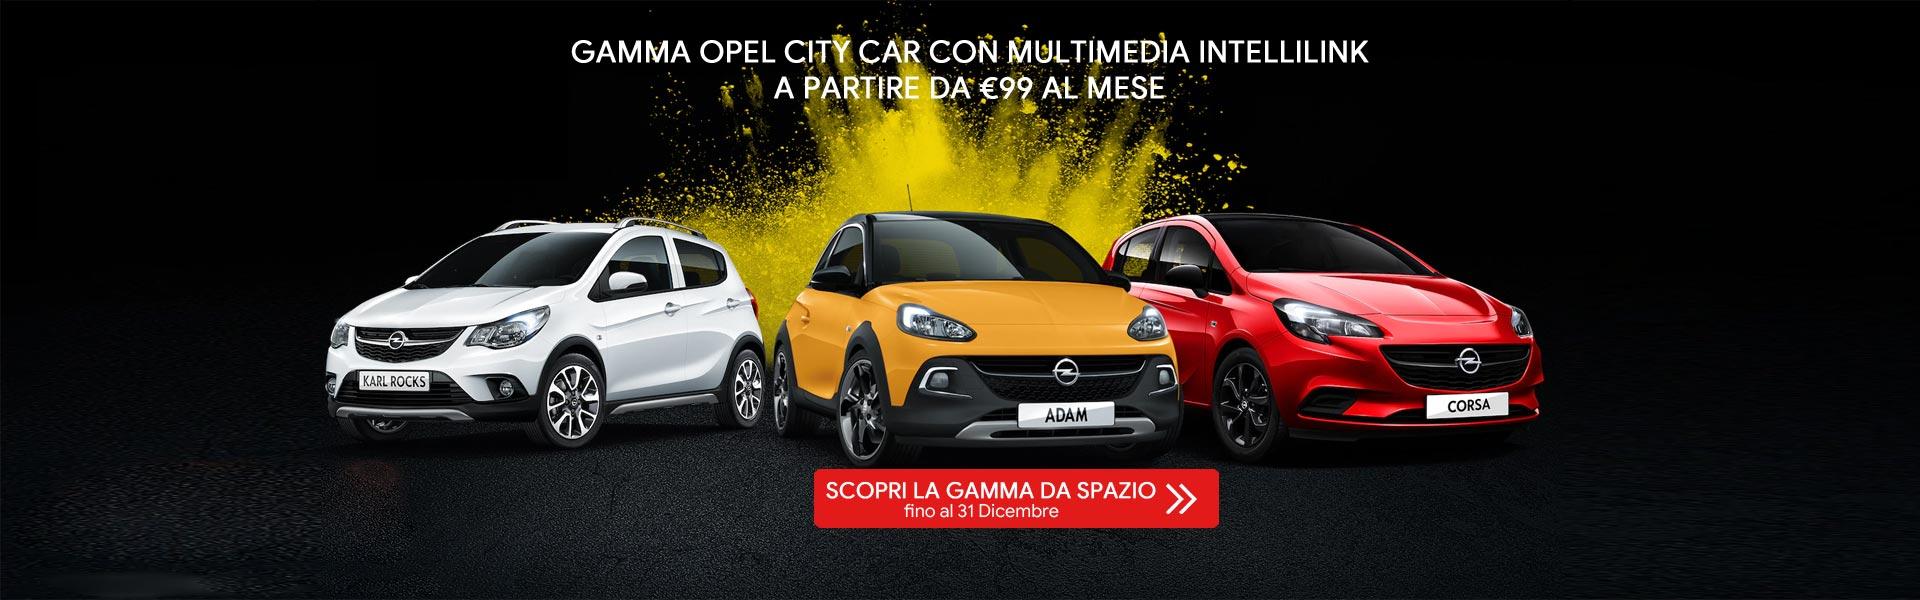 Opel Gamma City Car